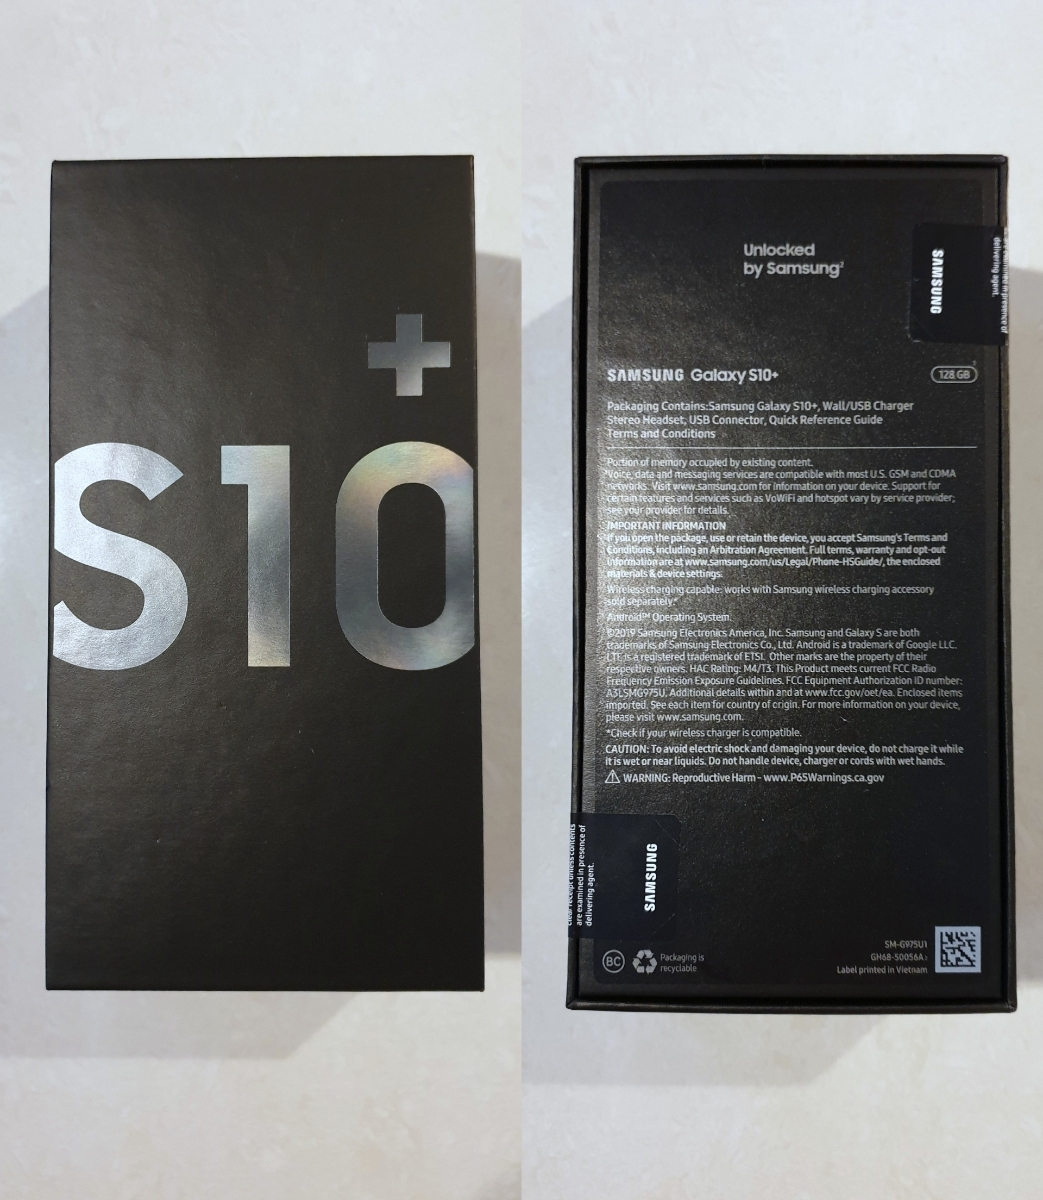 新品 未使用 送料込み Samsung Galaxy S10+ Plus Snapdragon 855 SM-G975U1 128GB Prism Black プリズムブラック simフリー